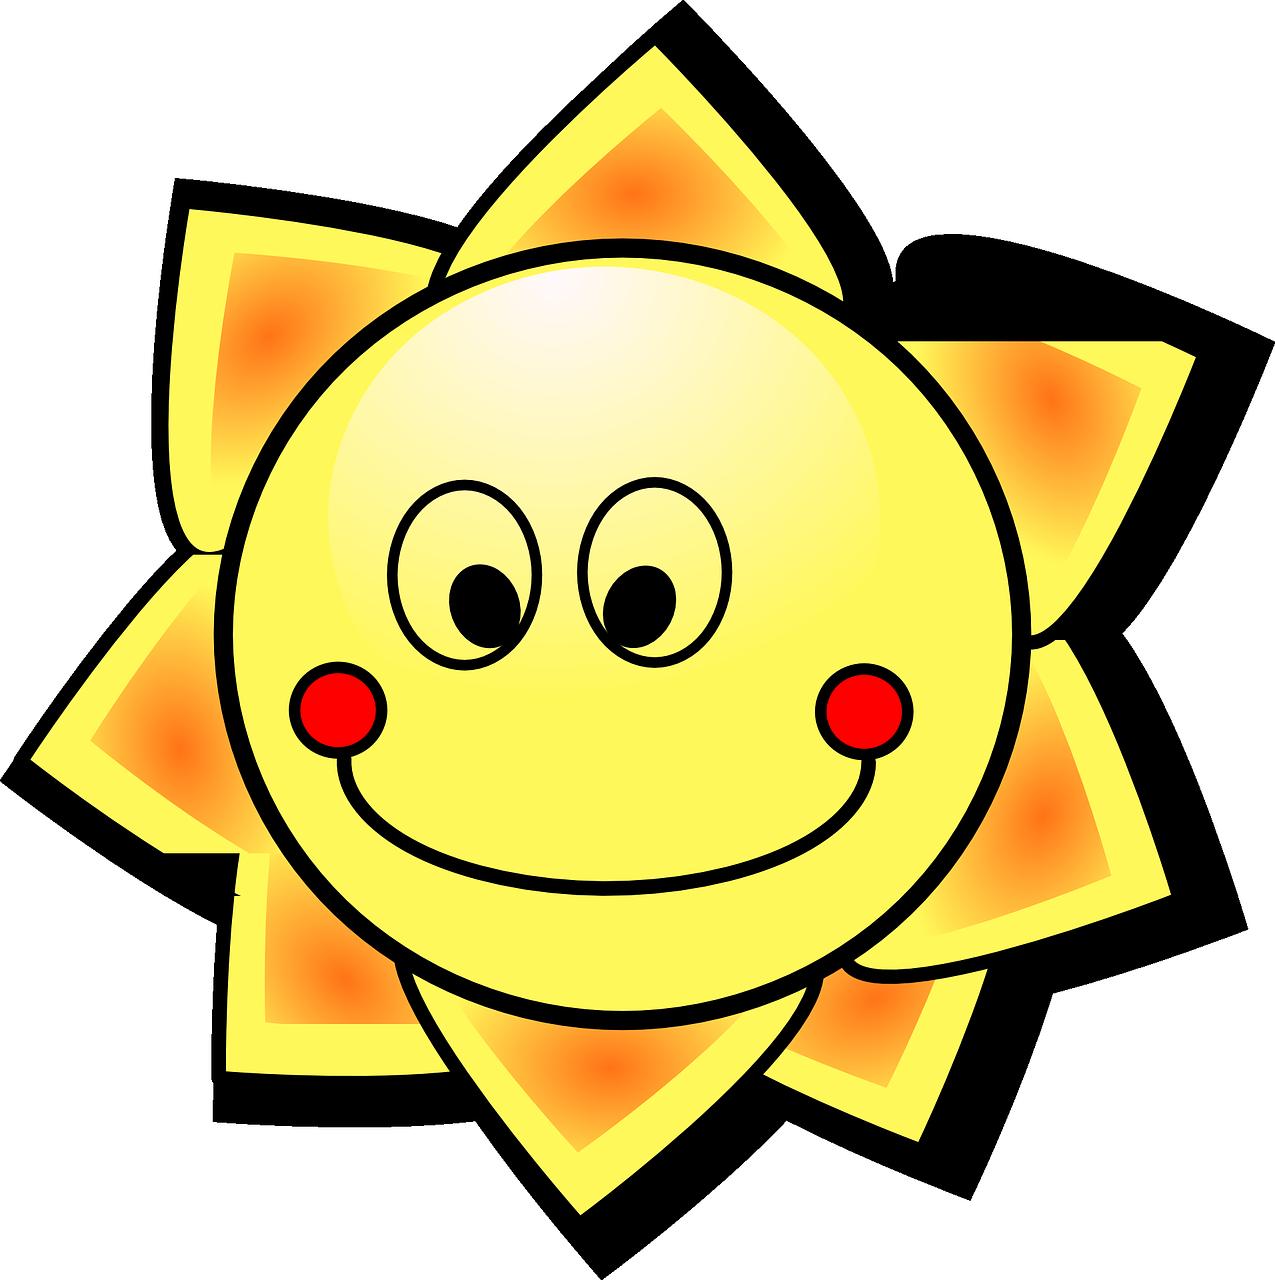 Matahari Tenaga Surya Sinar Gambar Vektor Gratis Di Pixabay